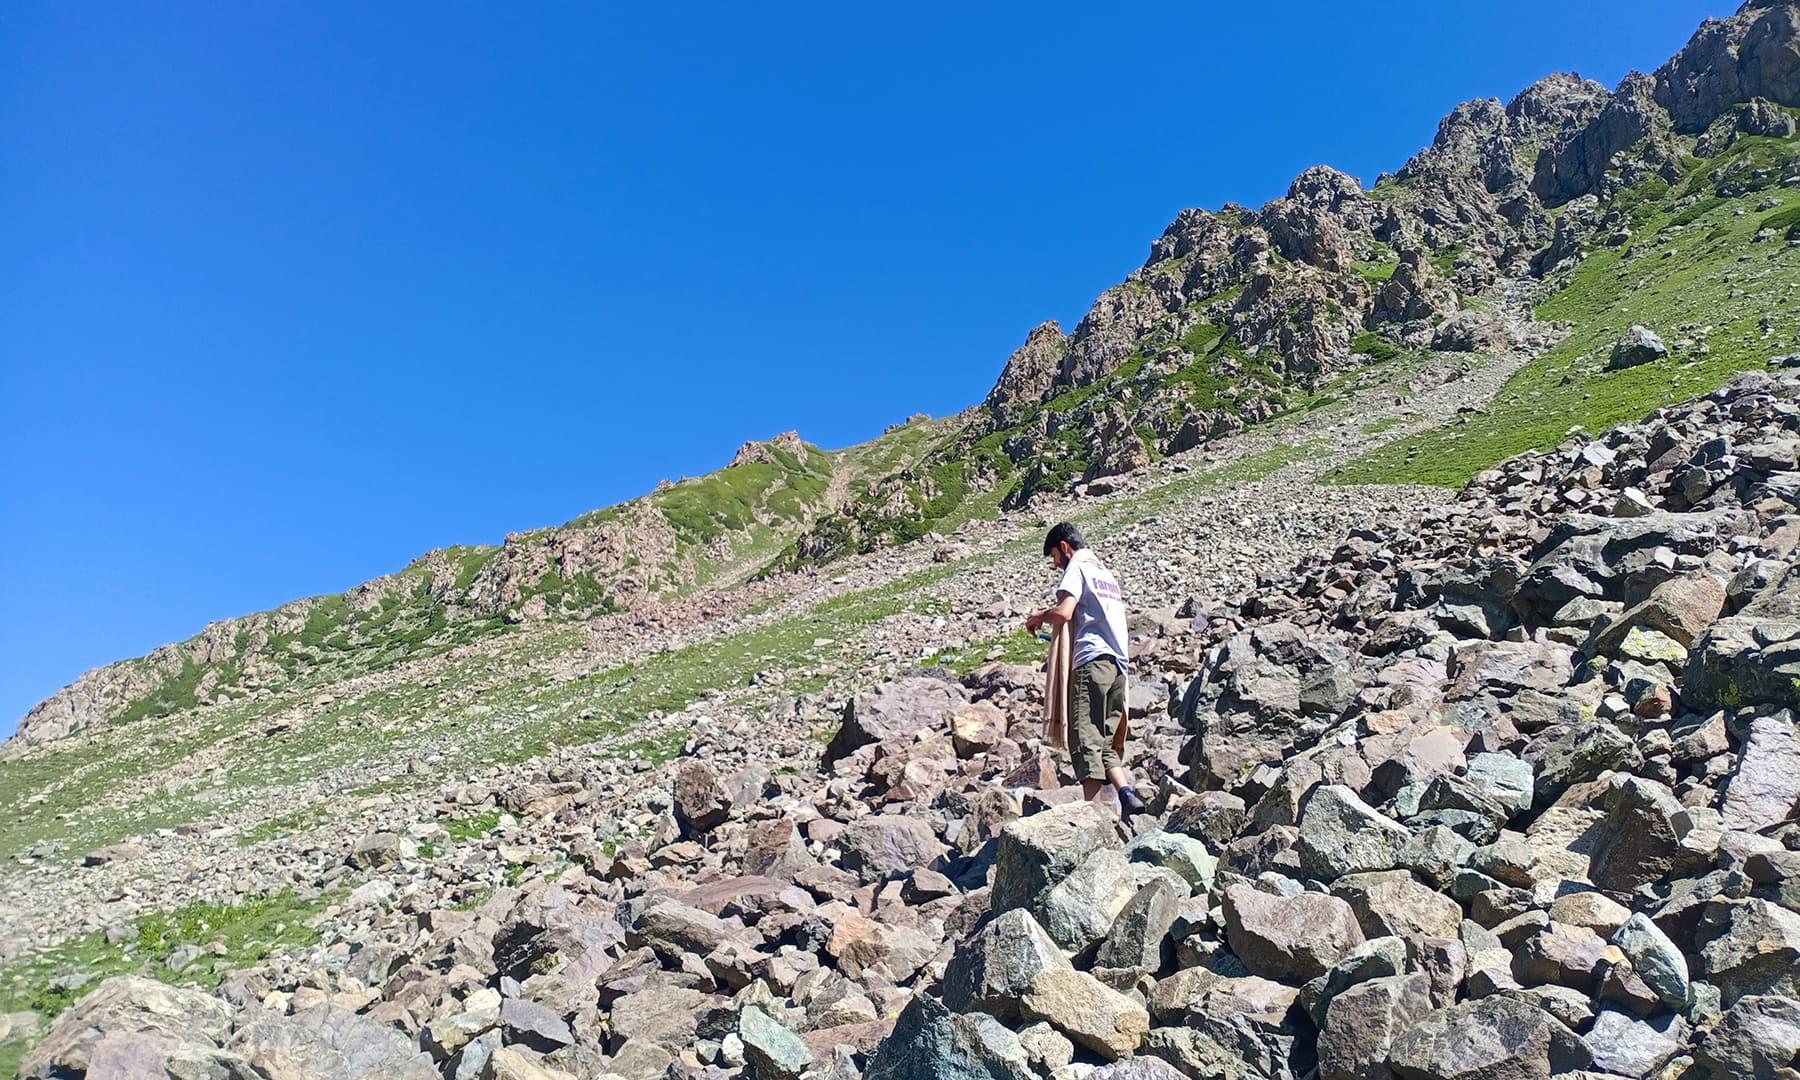 اس چڑھائی چڑھنے کے لیے کوئی بھی تیار نہیں تھا—عظمت اکبر